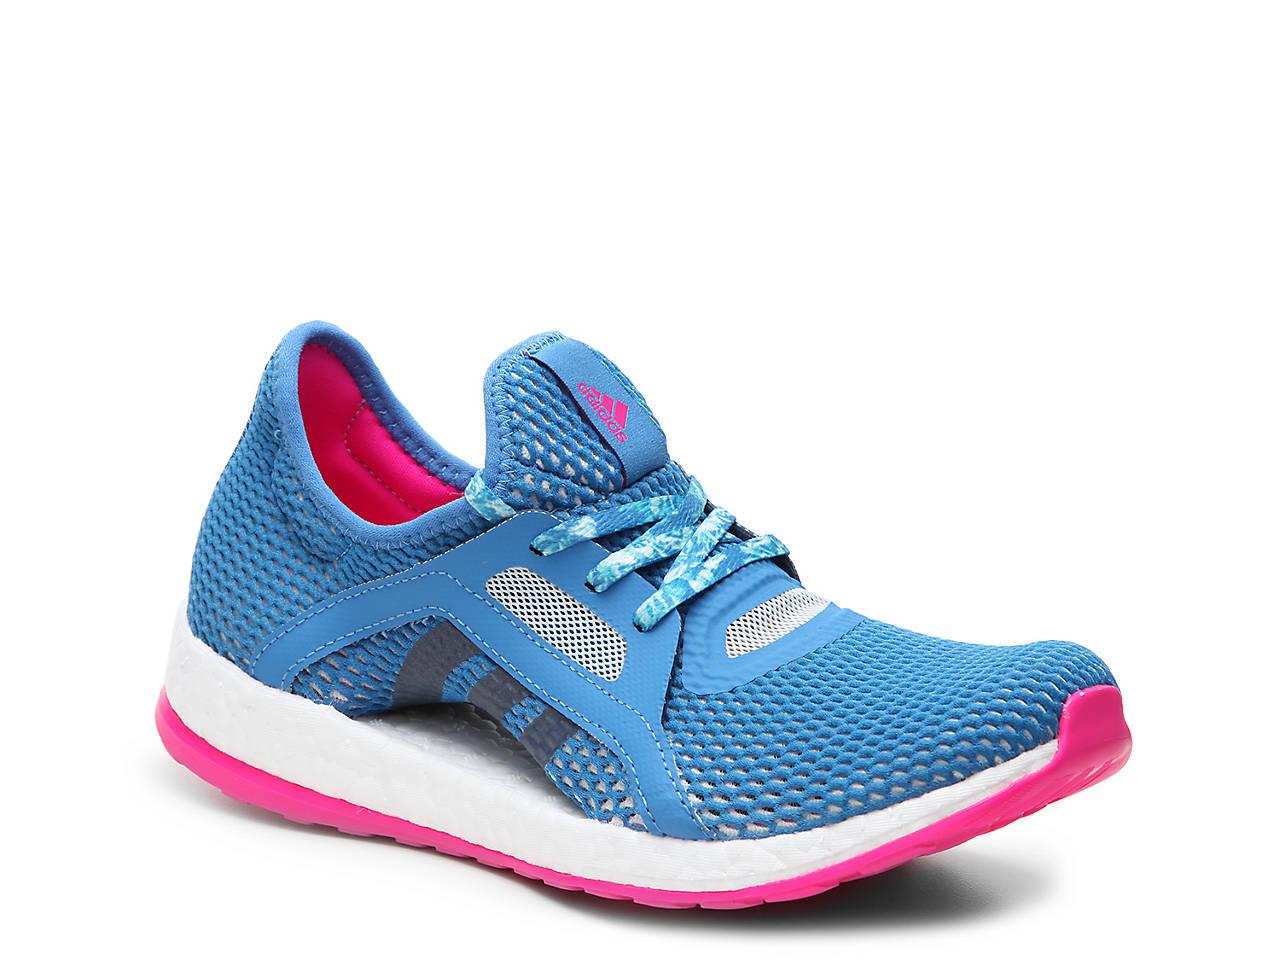 adidas pureboost x leggera scarpa da corsa, le scarpe da uomo dsw